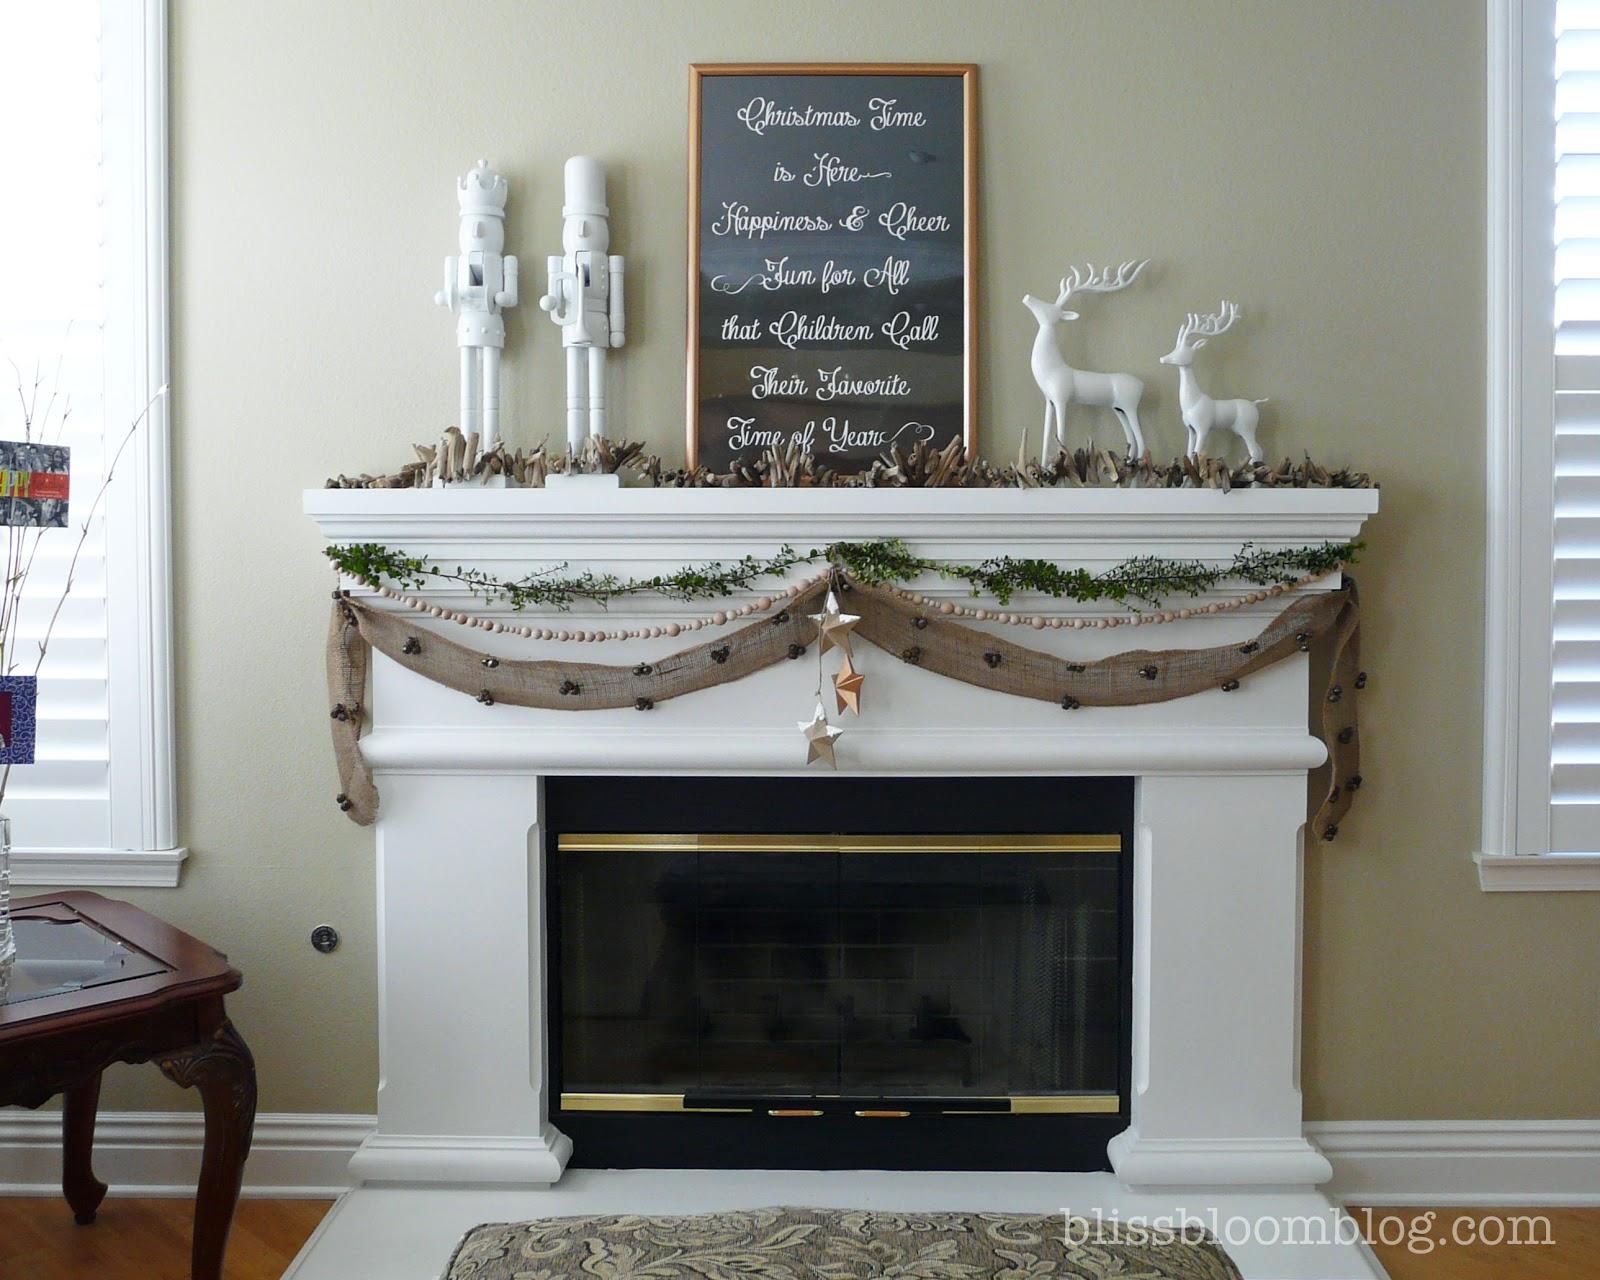 [Home] Christmas 2012 Living Room Mantel